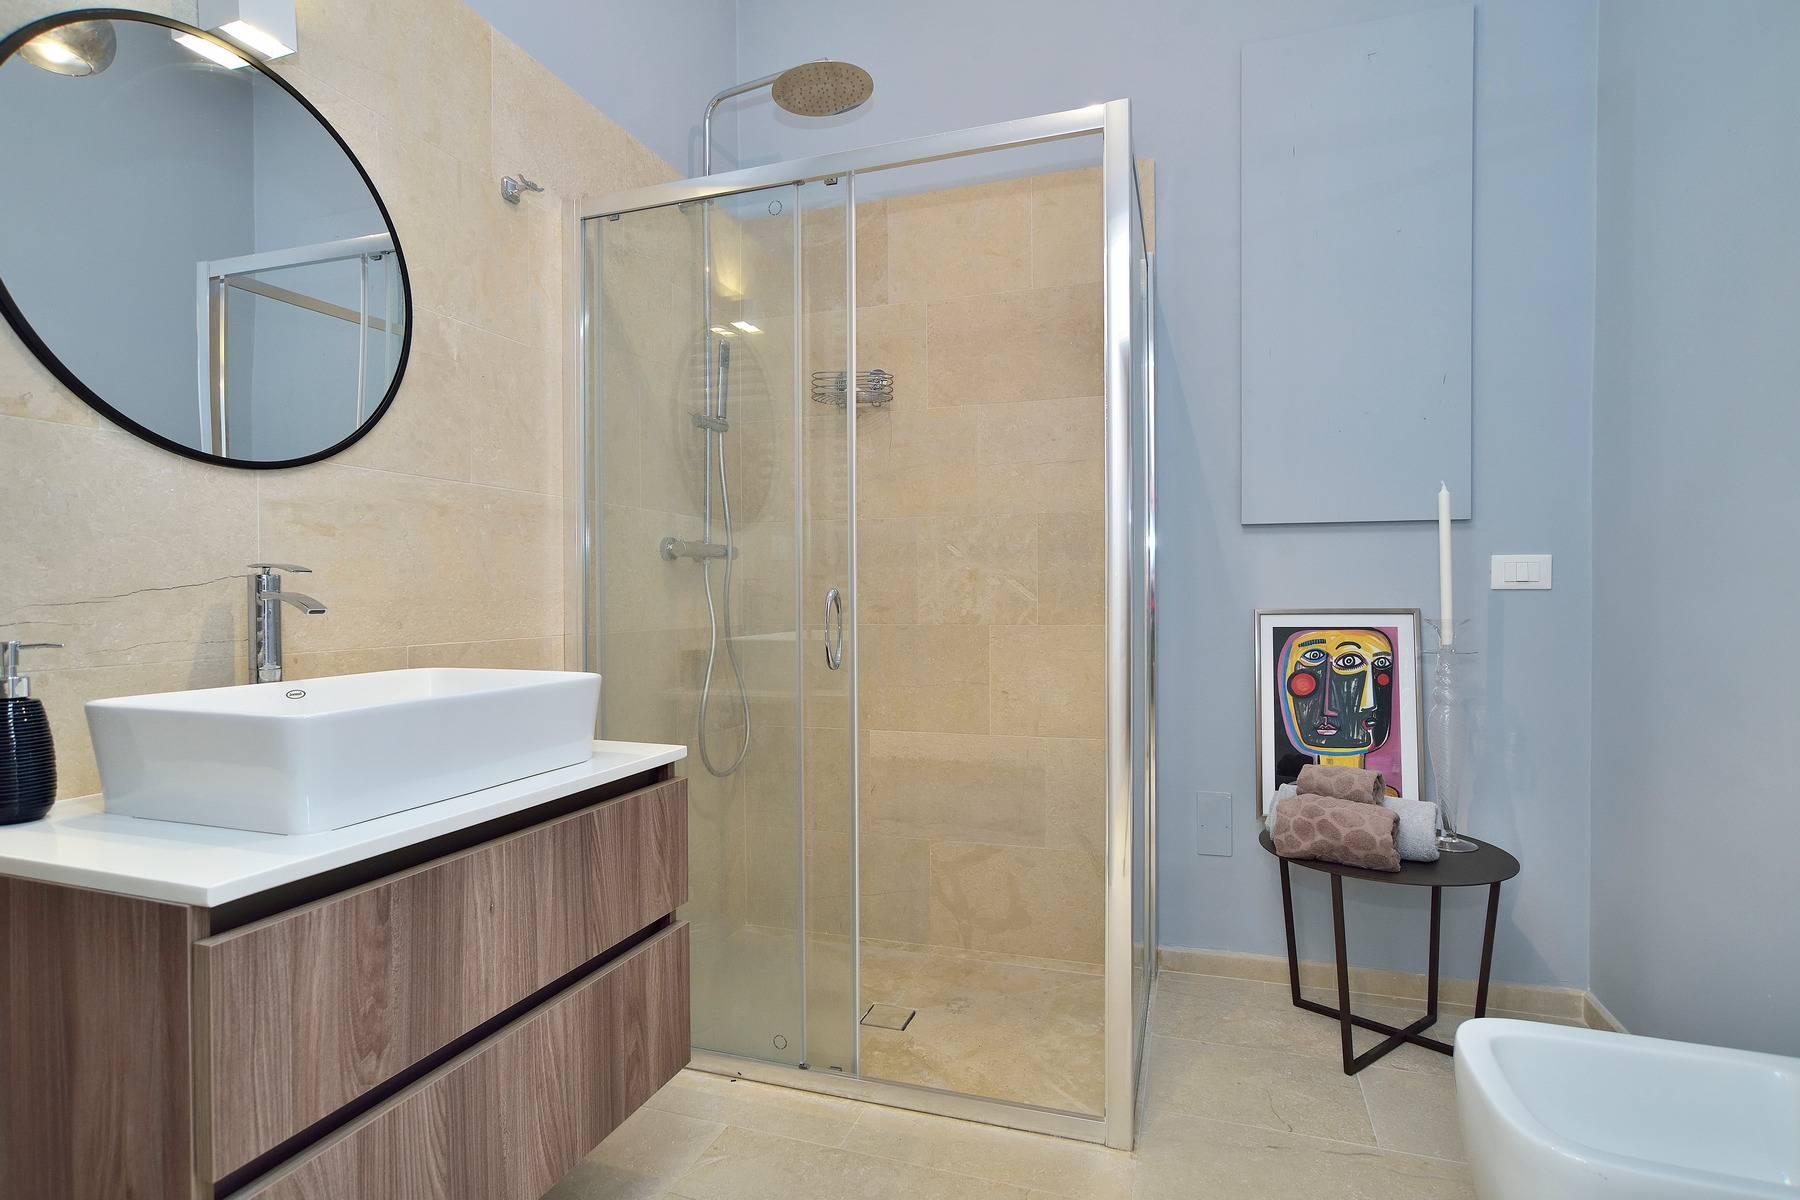 Appartamento in Vendita a Noto: 3 locali, 73 mq - Foto 14